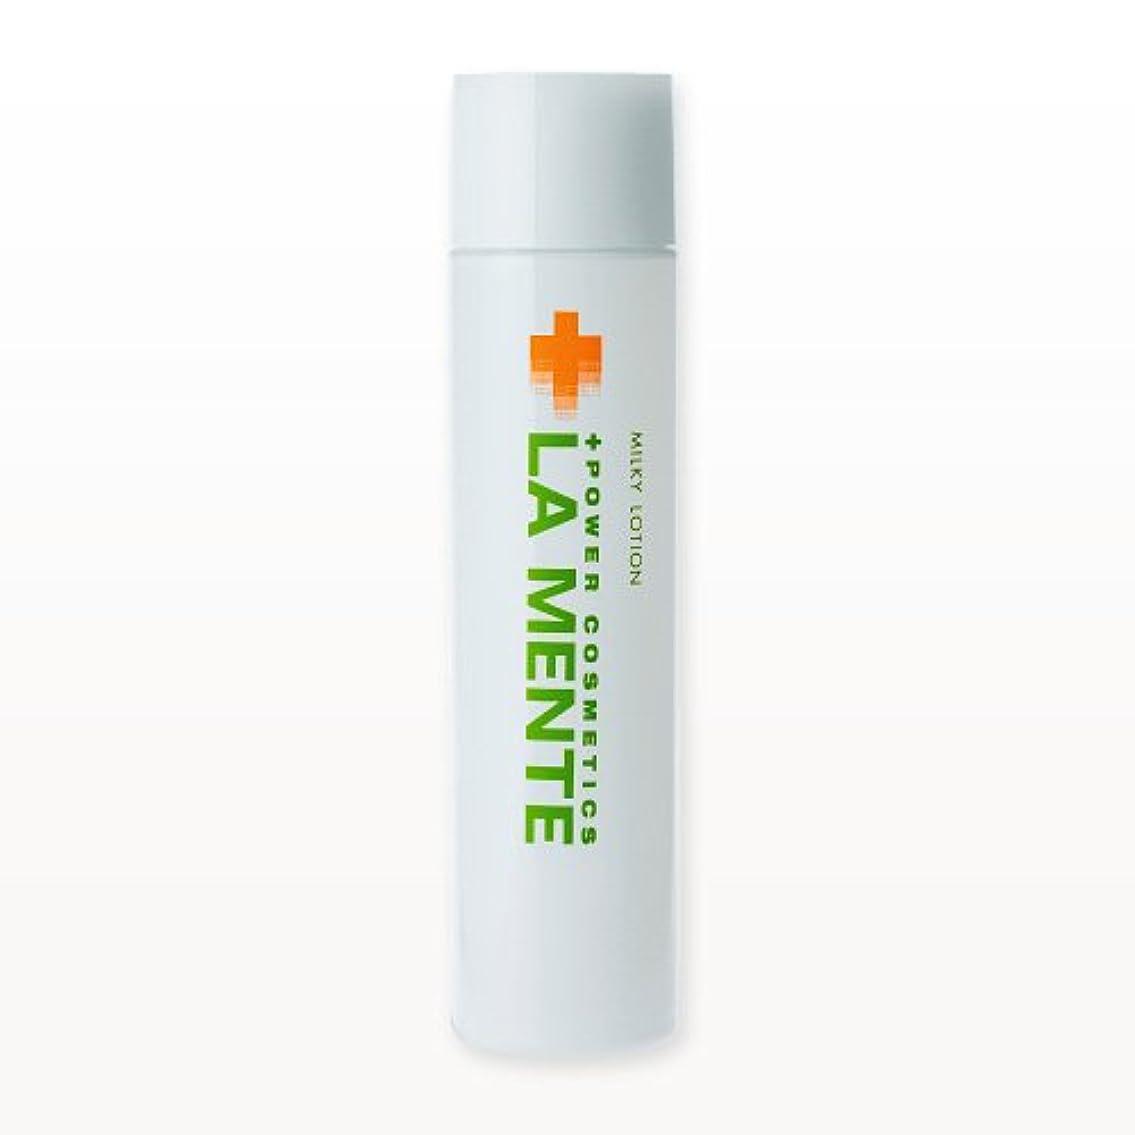 バーパット合成ラメンテ(LA MENTE) 薬用 ミルキィローション 150mL 美白&保湿ローション